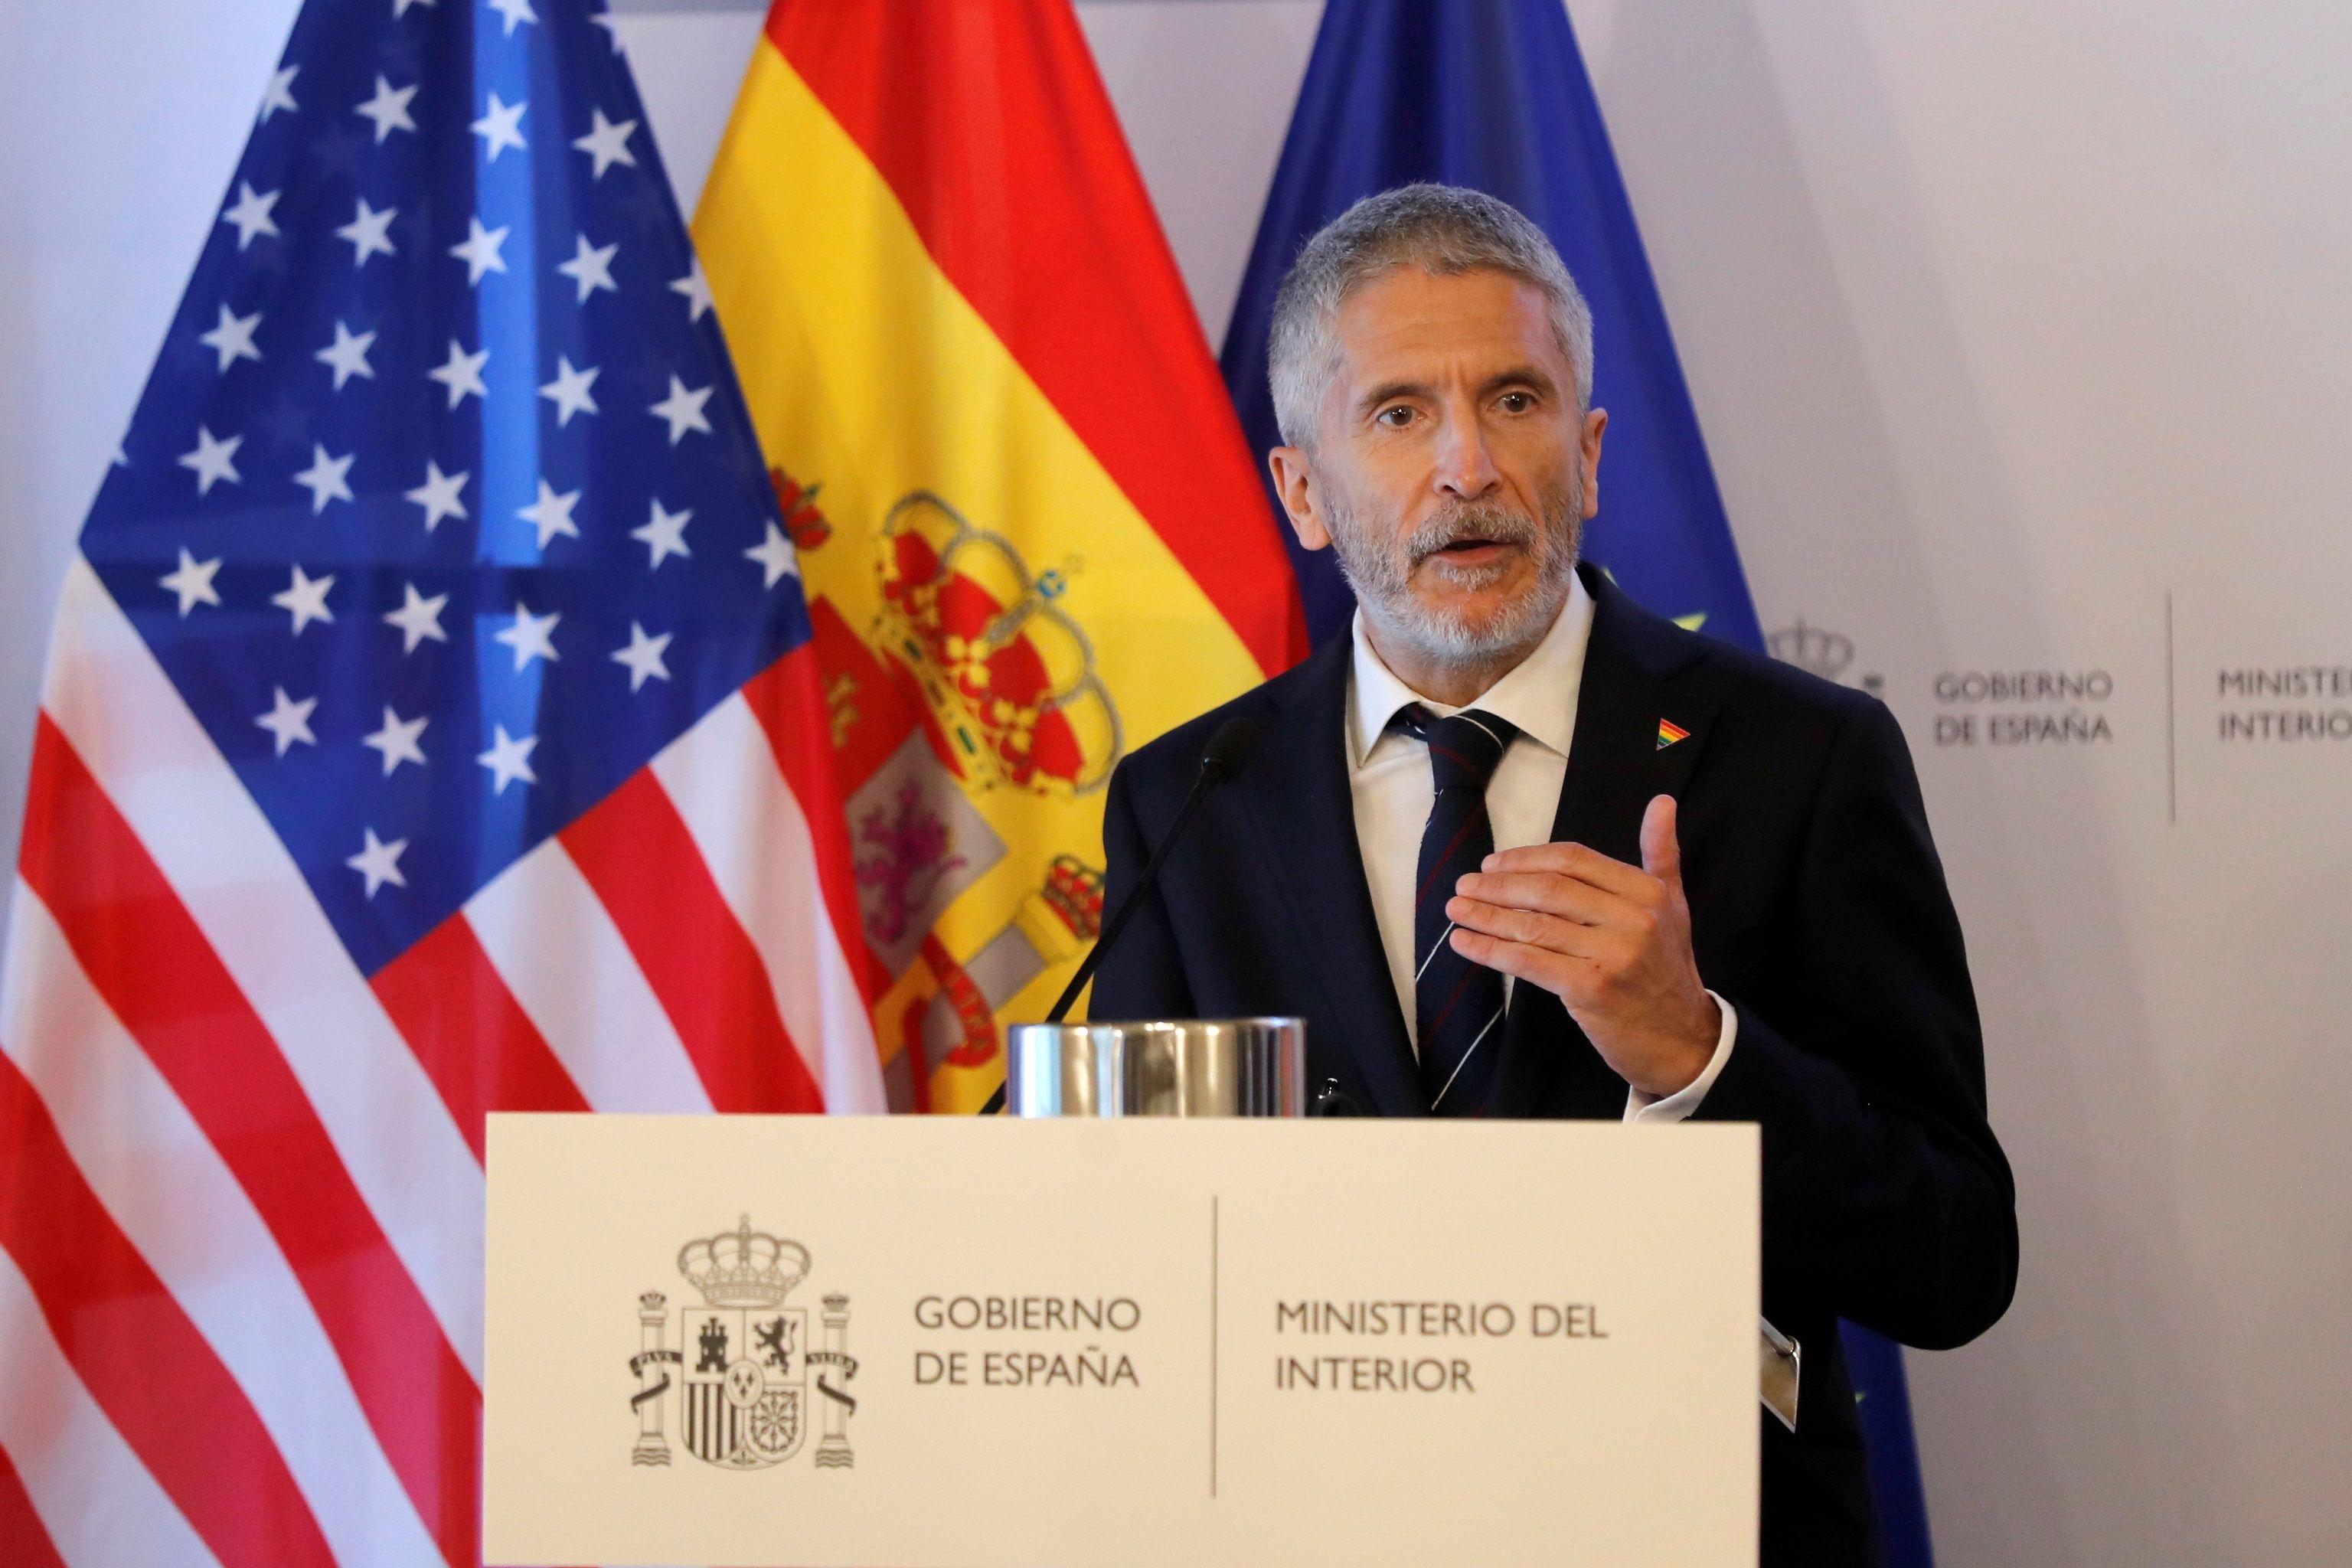 El ministro del Interior, Fernando Grande-Marlaska, en un acto celebrado este miércoles en Madrid.